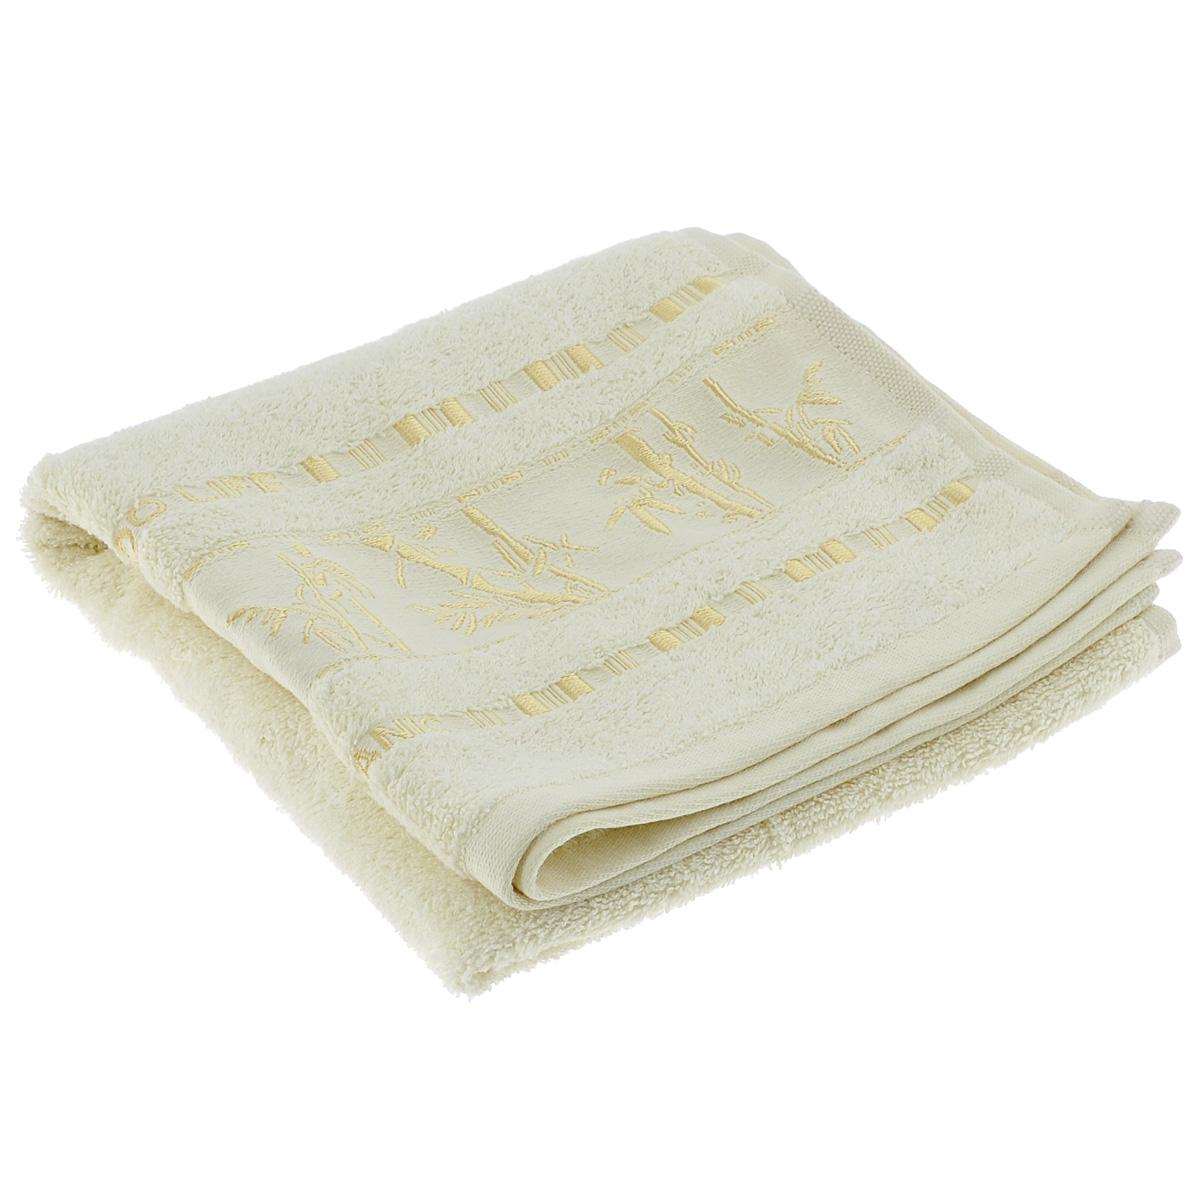 Полотенце Mariposa Bamboo, цвет: молочный, 50 см х 90 см50857Махровое полотенце Mariposa Bamboo, изготовленное из 100% бамбука, подарит массу положительных эмоций и приятных ощущений. Бамбук - инновация в текстильном производстве с потрясающими характеристиками. Бамбуковое волокно с натуральным блеском мягче самого мягкого хлопка и по качеству напоминает шелк и кашемир. Ткань из бамбука обладает натуральными антимикробными свойствами и не нуждается в специальной химической обработке. Ткань содержит компонент Bamboo Kun, предотвращающий размножение бактерий. Бамбук - это самый жизнеспособный природный ресурс, он растет без пестицидов и химикатов, поэтому экологичен. Полотенца из бамбука только издали похожи на обычные. На самом деле, при первом же прикосновении вы ощутите невероятную мягкость и шелковистость. Таким полотенцем не нужно вытираться - только коснитесь кожи - и ткань сама все впитает! Несмотря на богатую плотность и высокую петлю полотенца, оно быстро сохнет, остается легким даже при намокании. Полотенце...